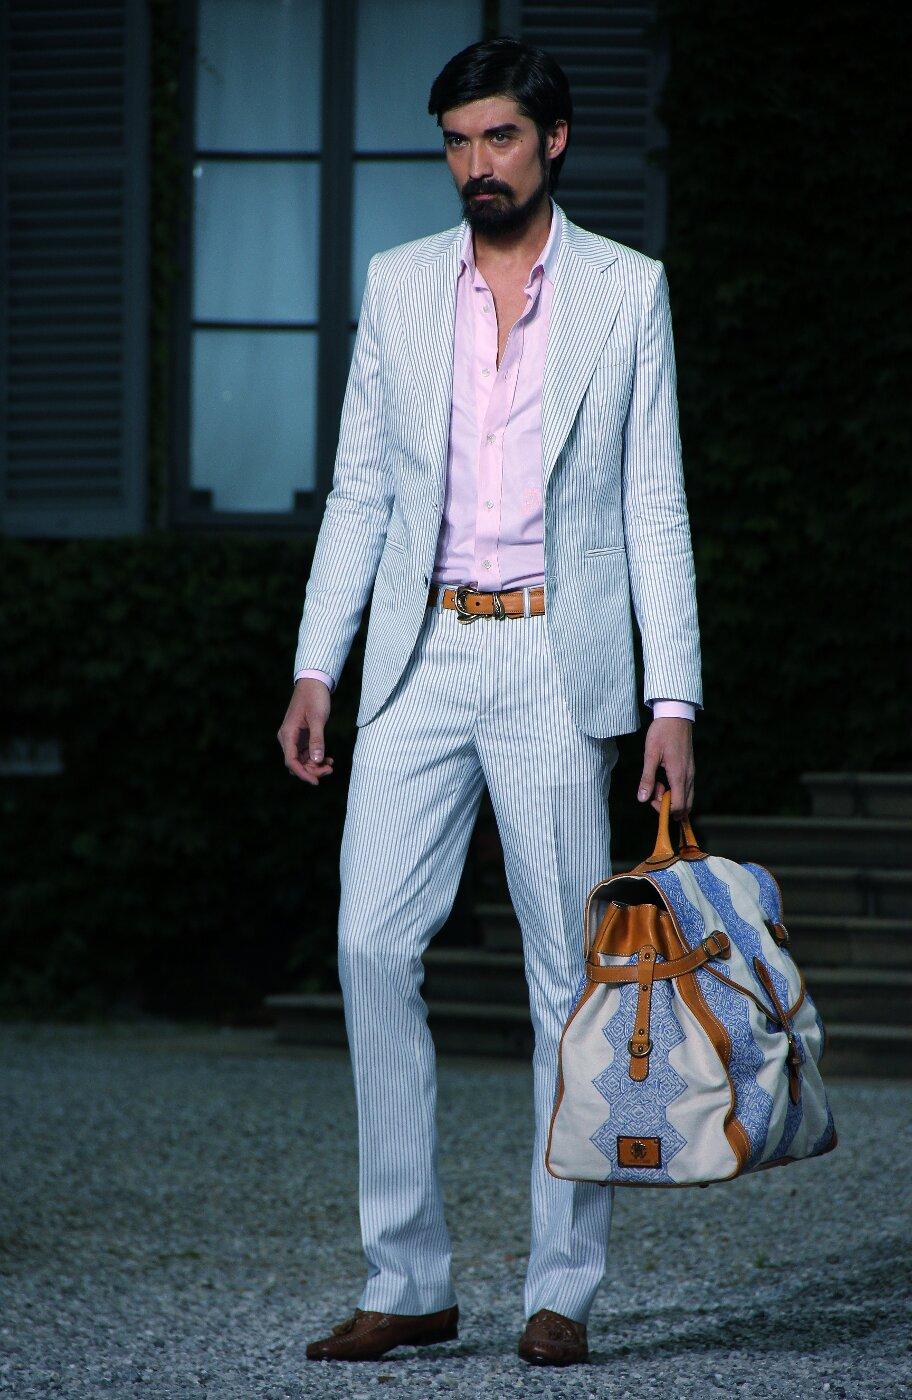 В колекциите си за летния сезон дизайнери като Роберто Кавали предлагат смели решения за мъжете – огромни чанти комбинация от лен или друг текстил и кожа, с традиционно дамски принт.